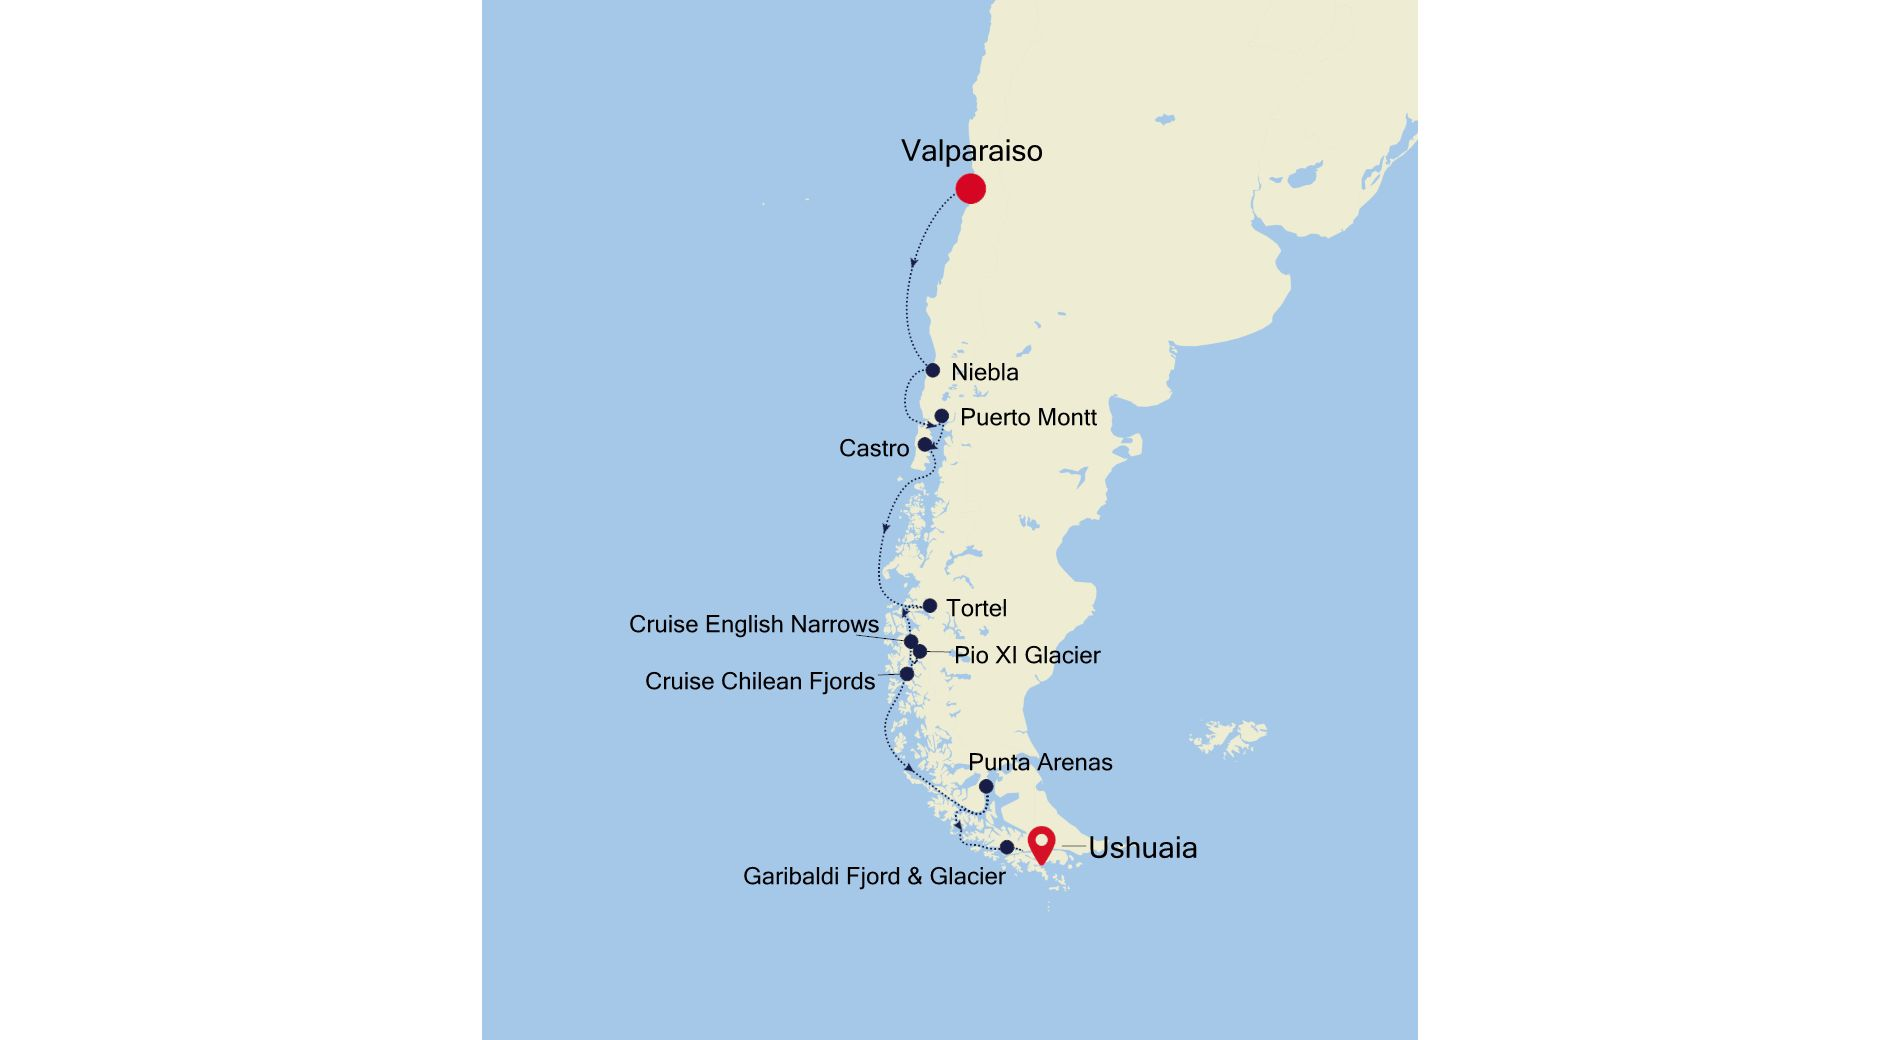 E4201104012 - Valparaiso to Ushuaia